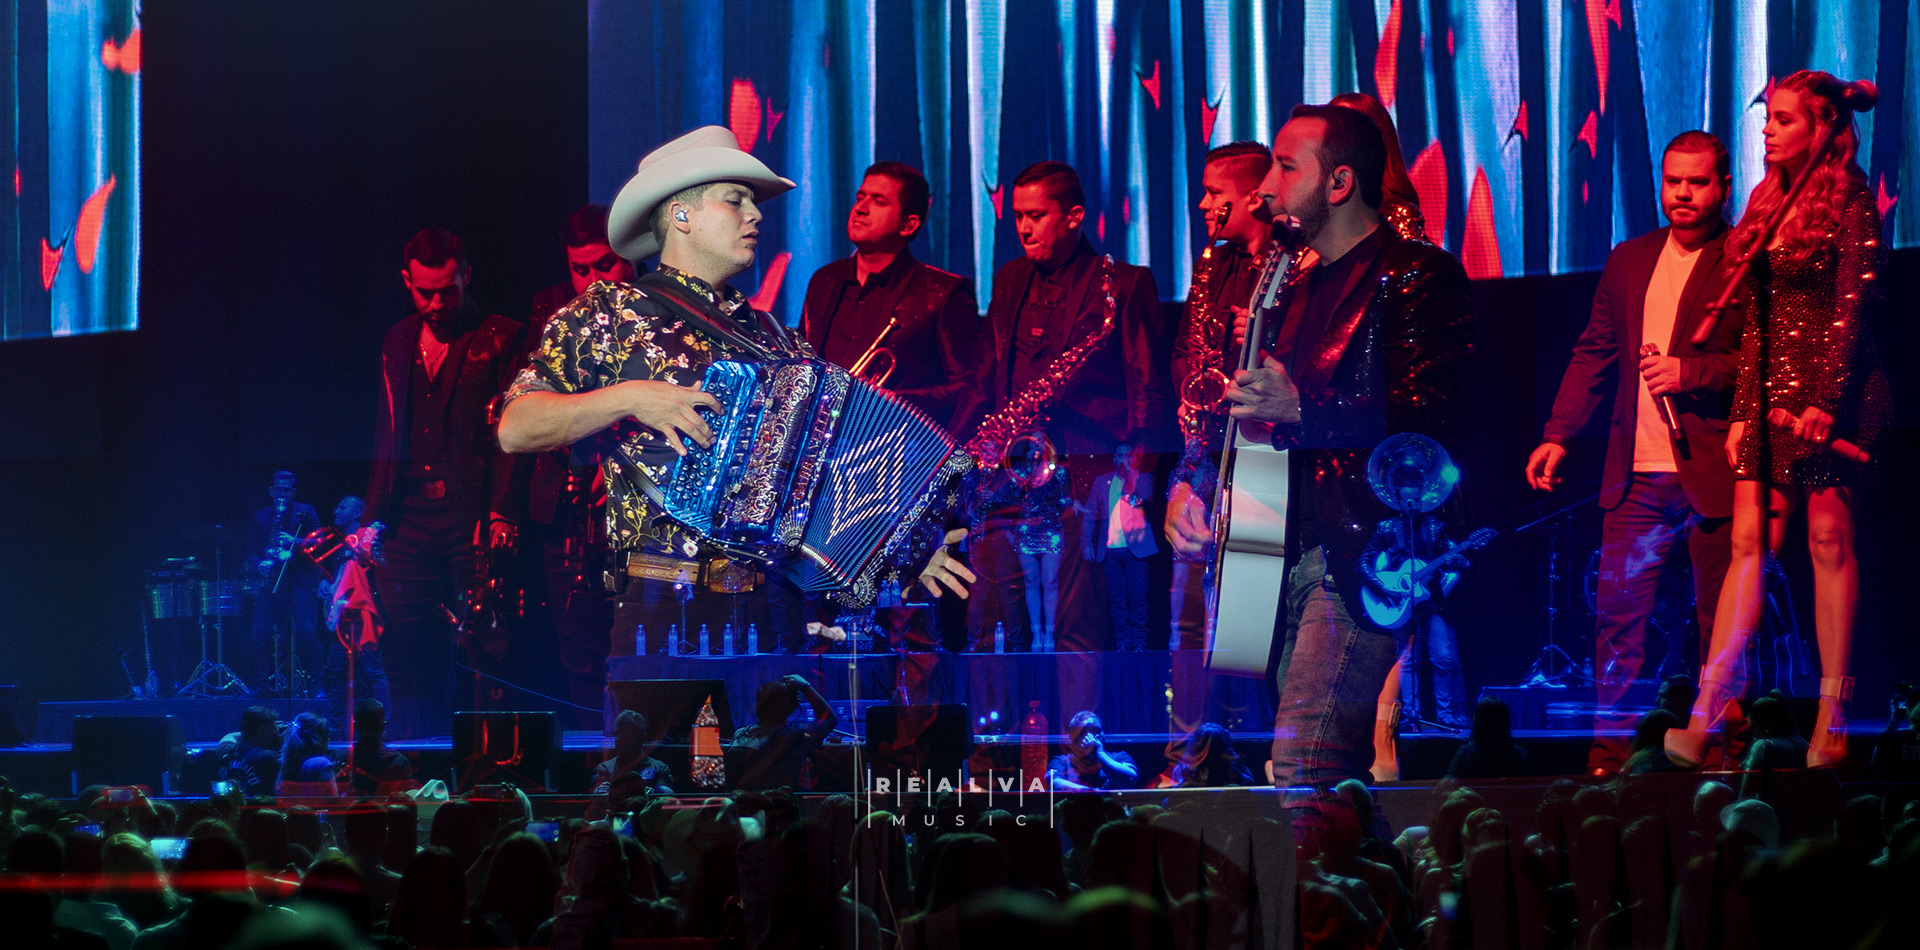 Auditorio CitiBanamex Remmy Valenzuela